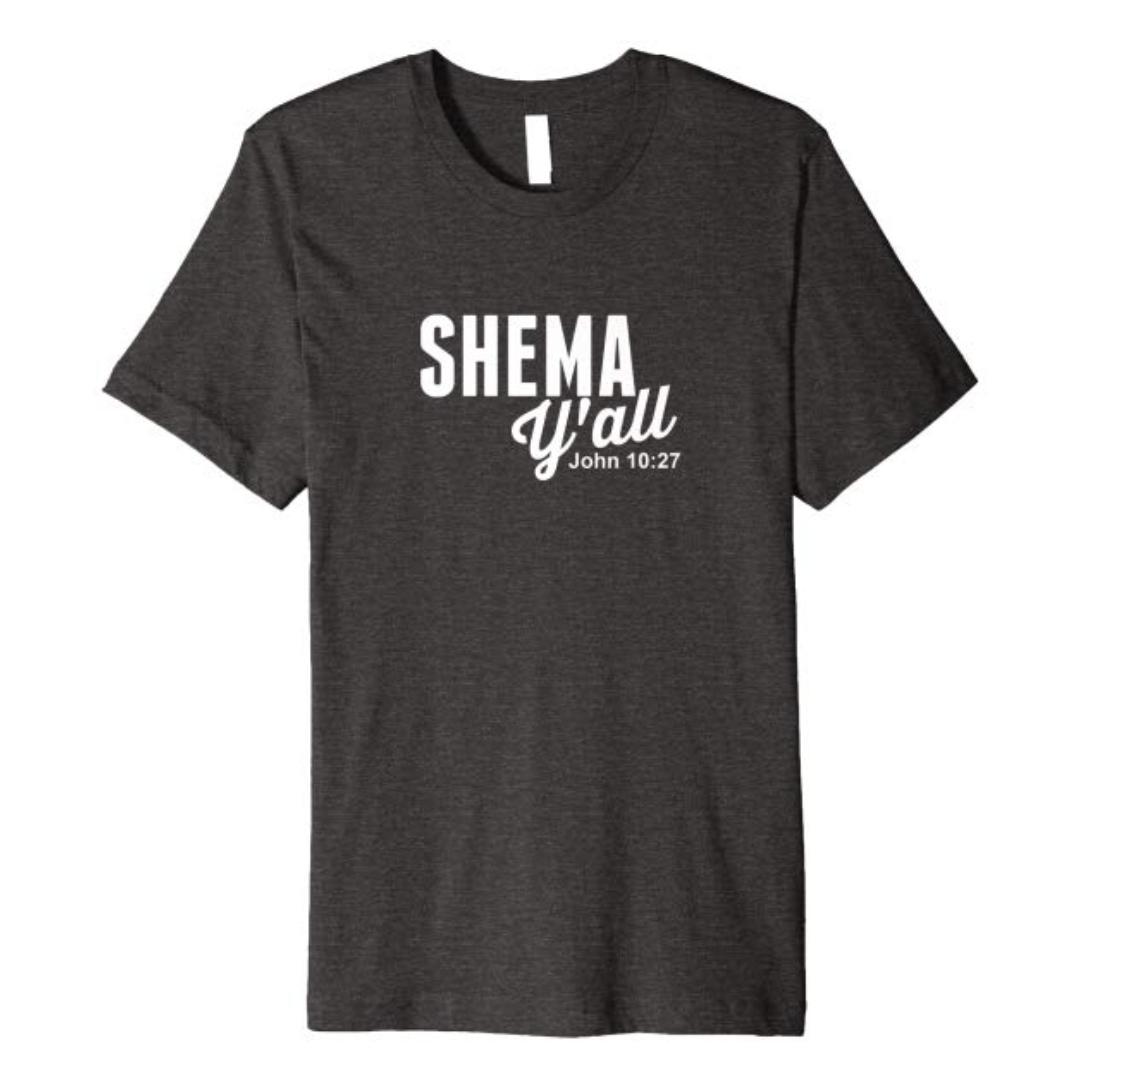 Shema Y'all